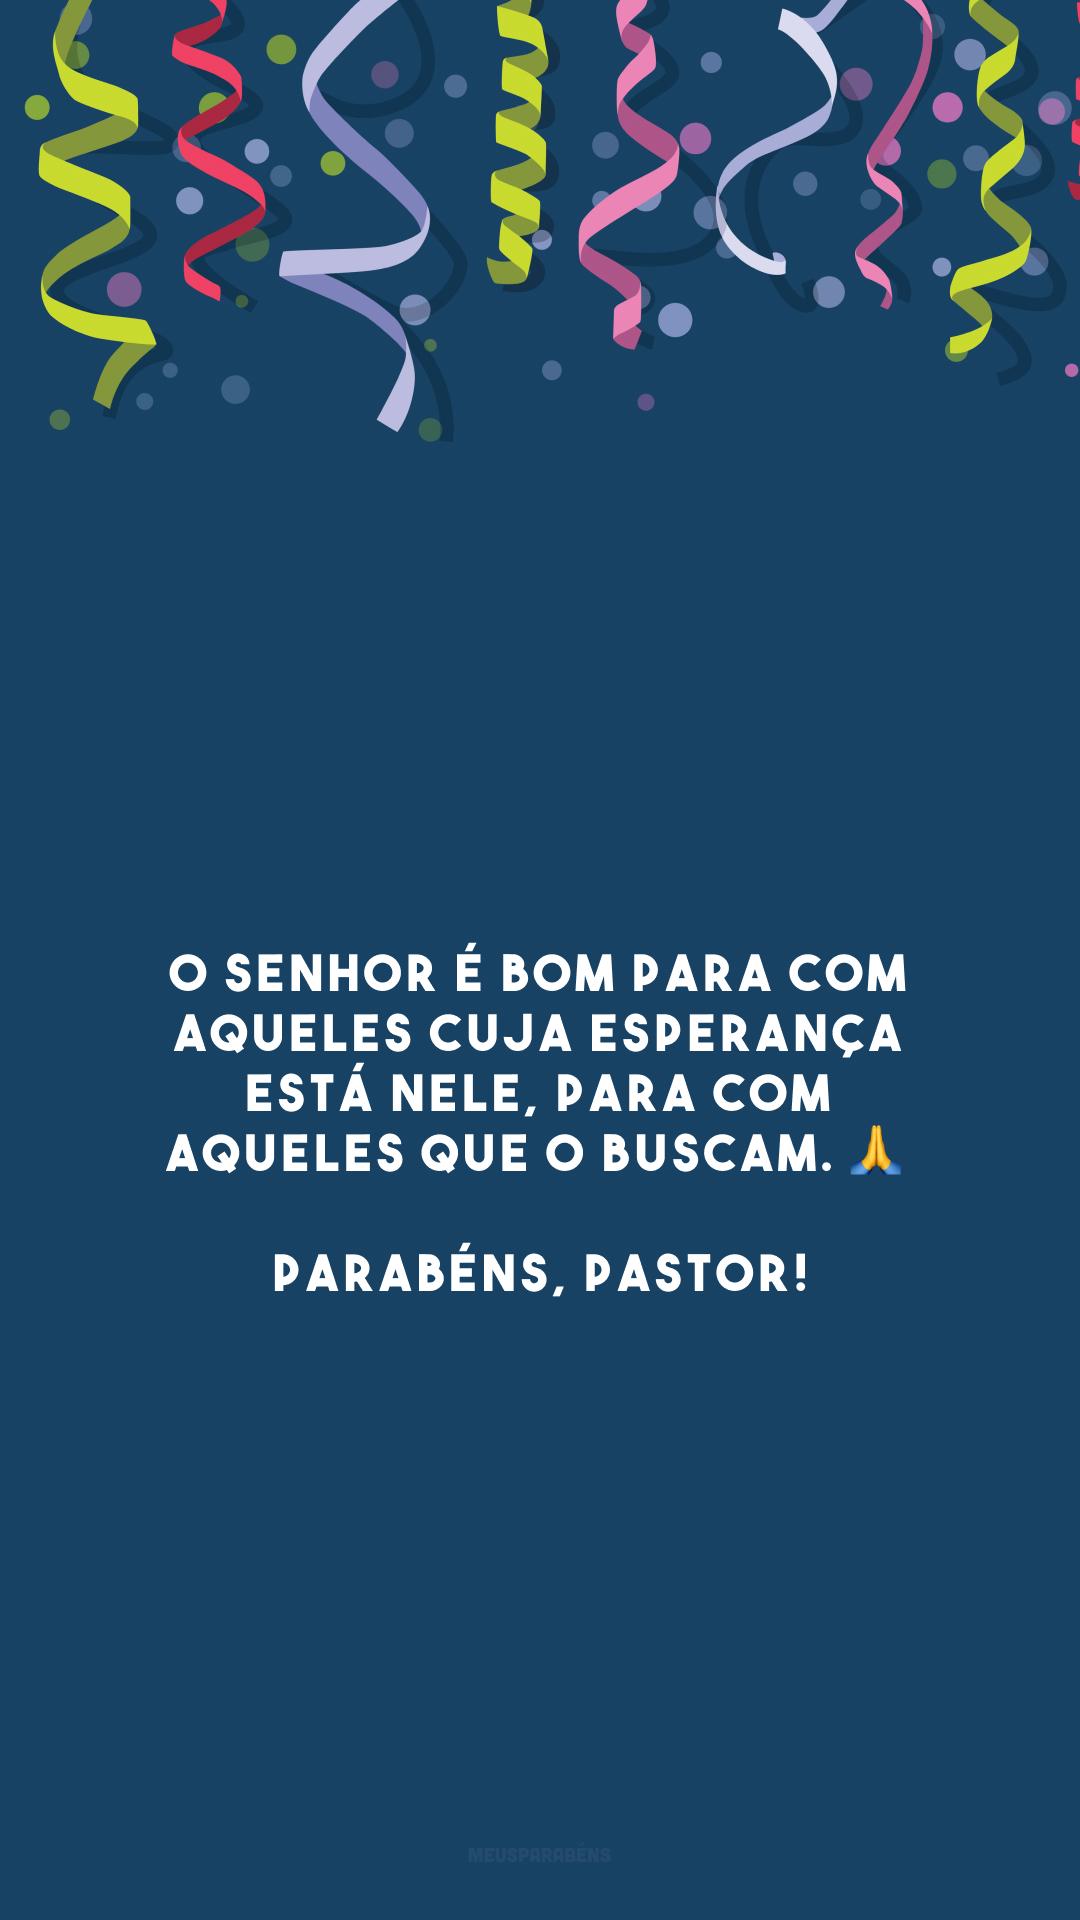 O Senhor é bom para com aqueles cuja esperança está nele, para com aqueles que o buscam. 🙏 Parabéns, pastor!